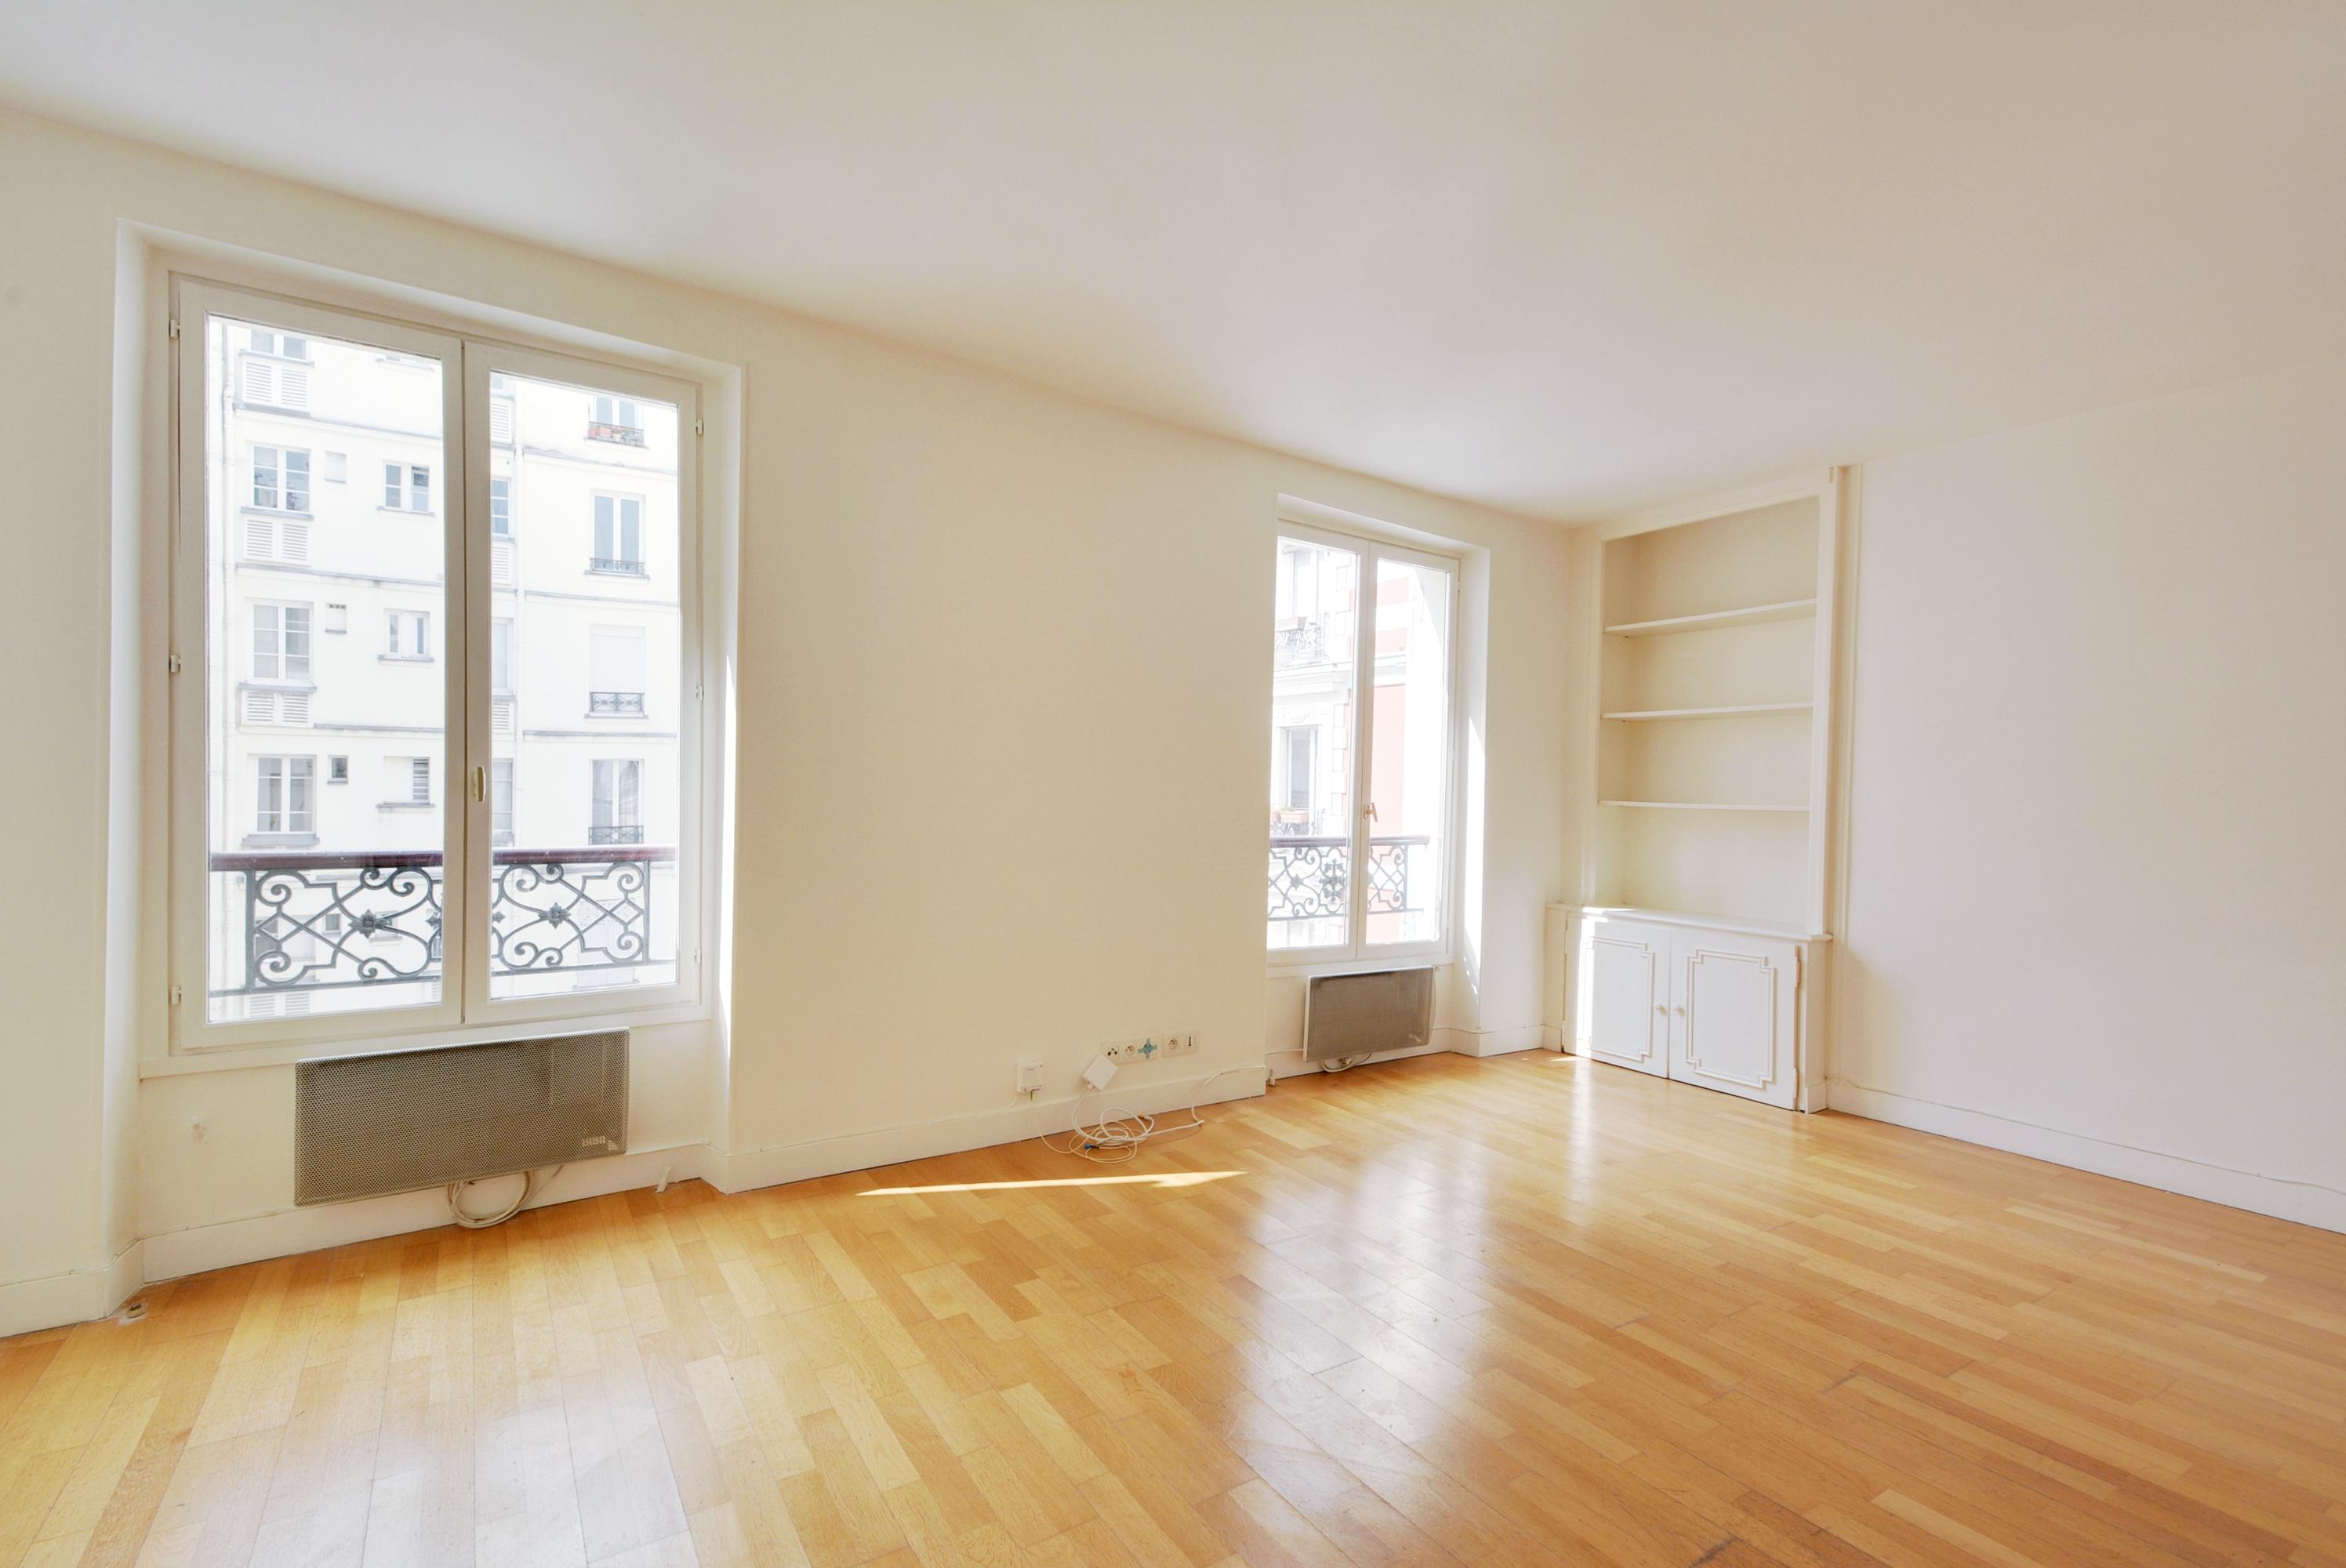 Dernier etage paris-sejour2